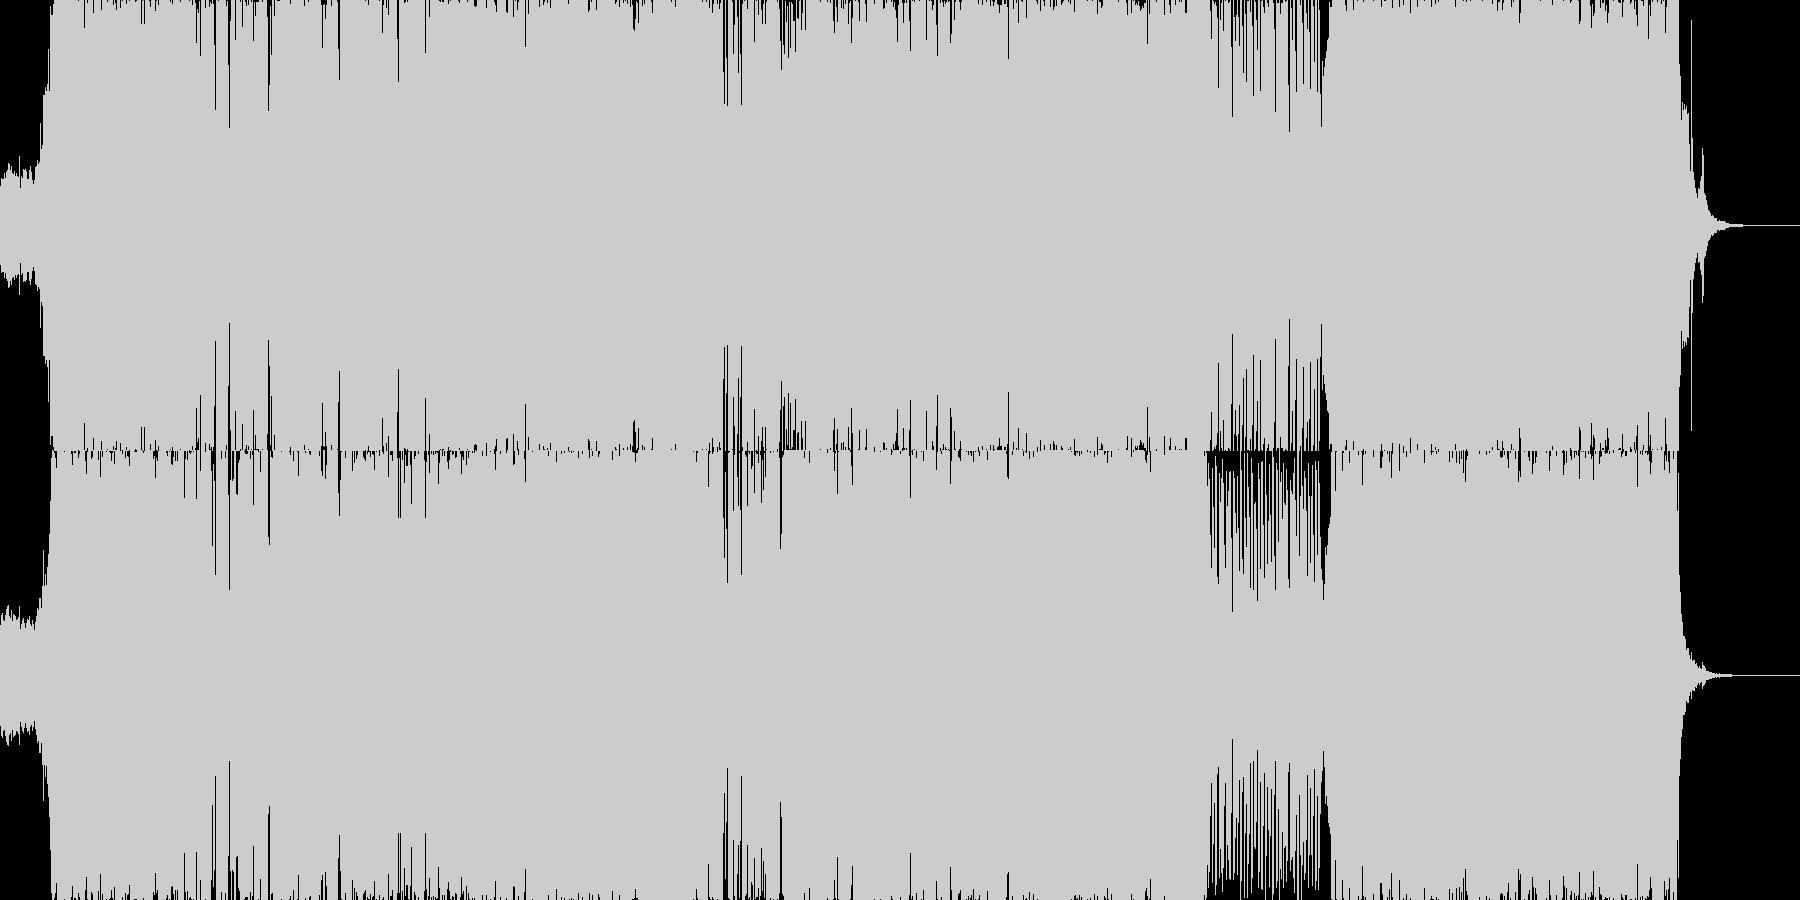 女性ボーカルのEDMウェディングソングの未再生の波形